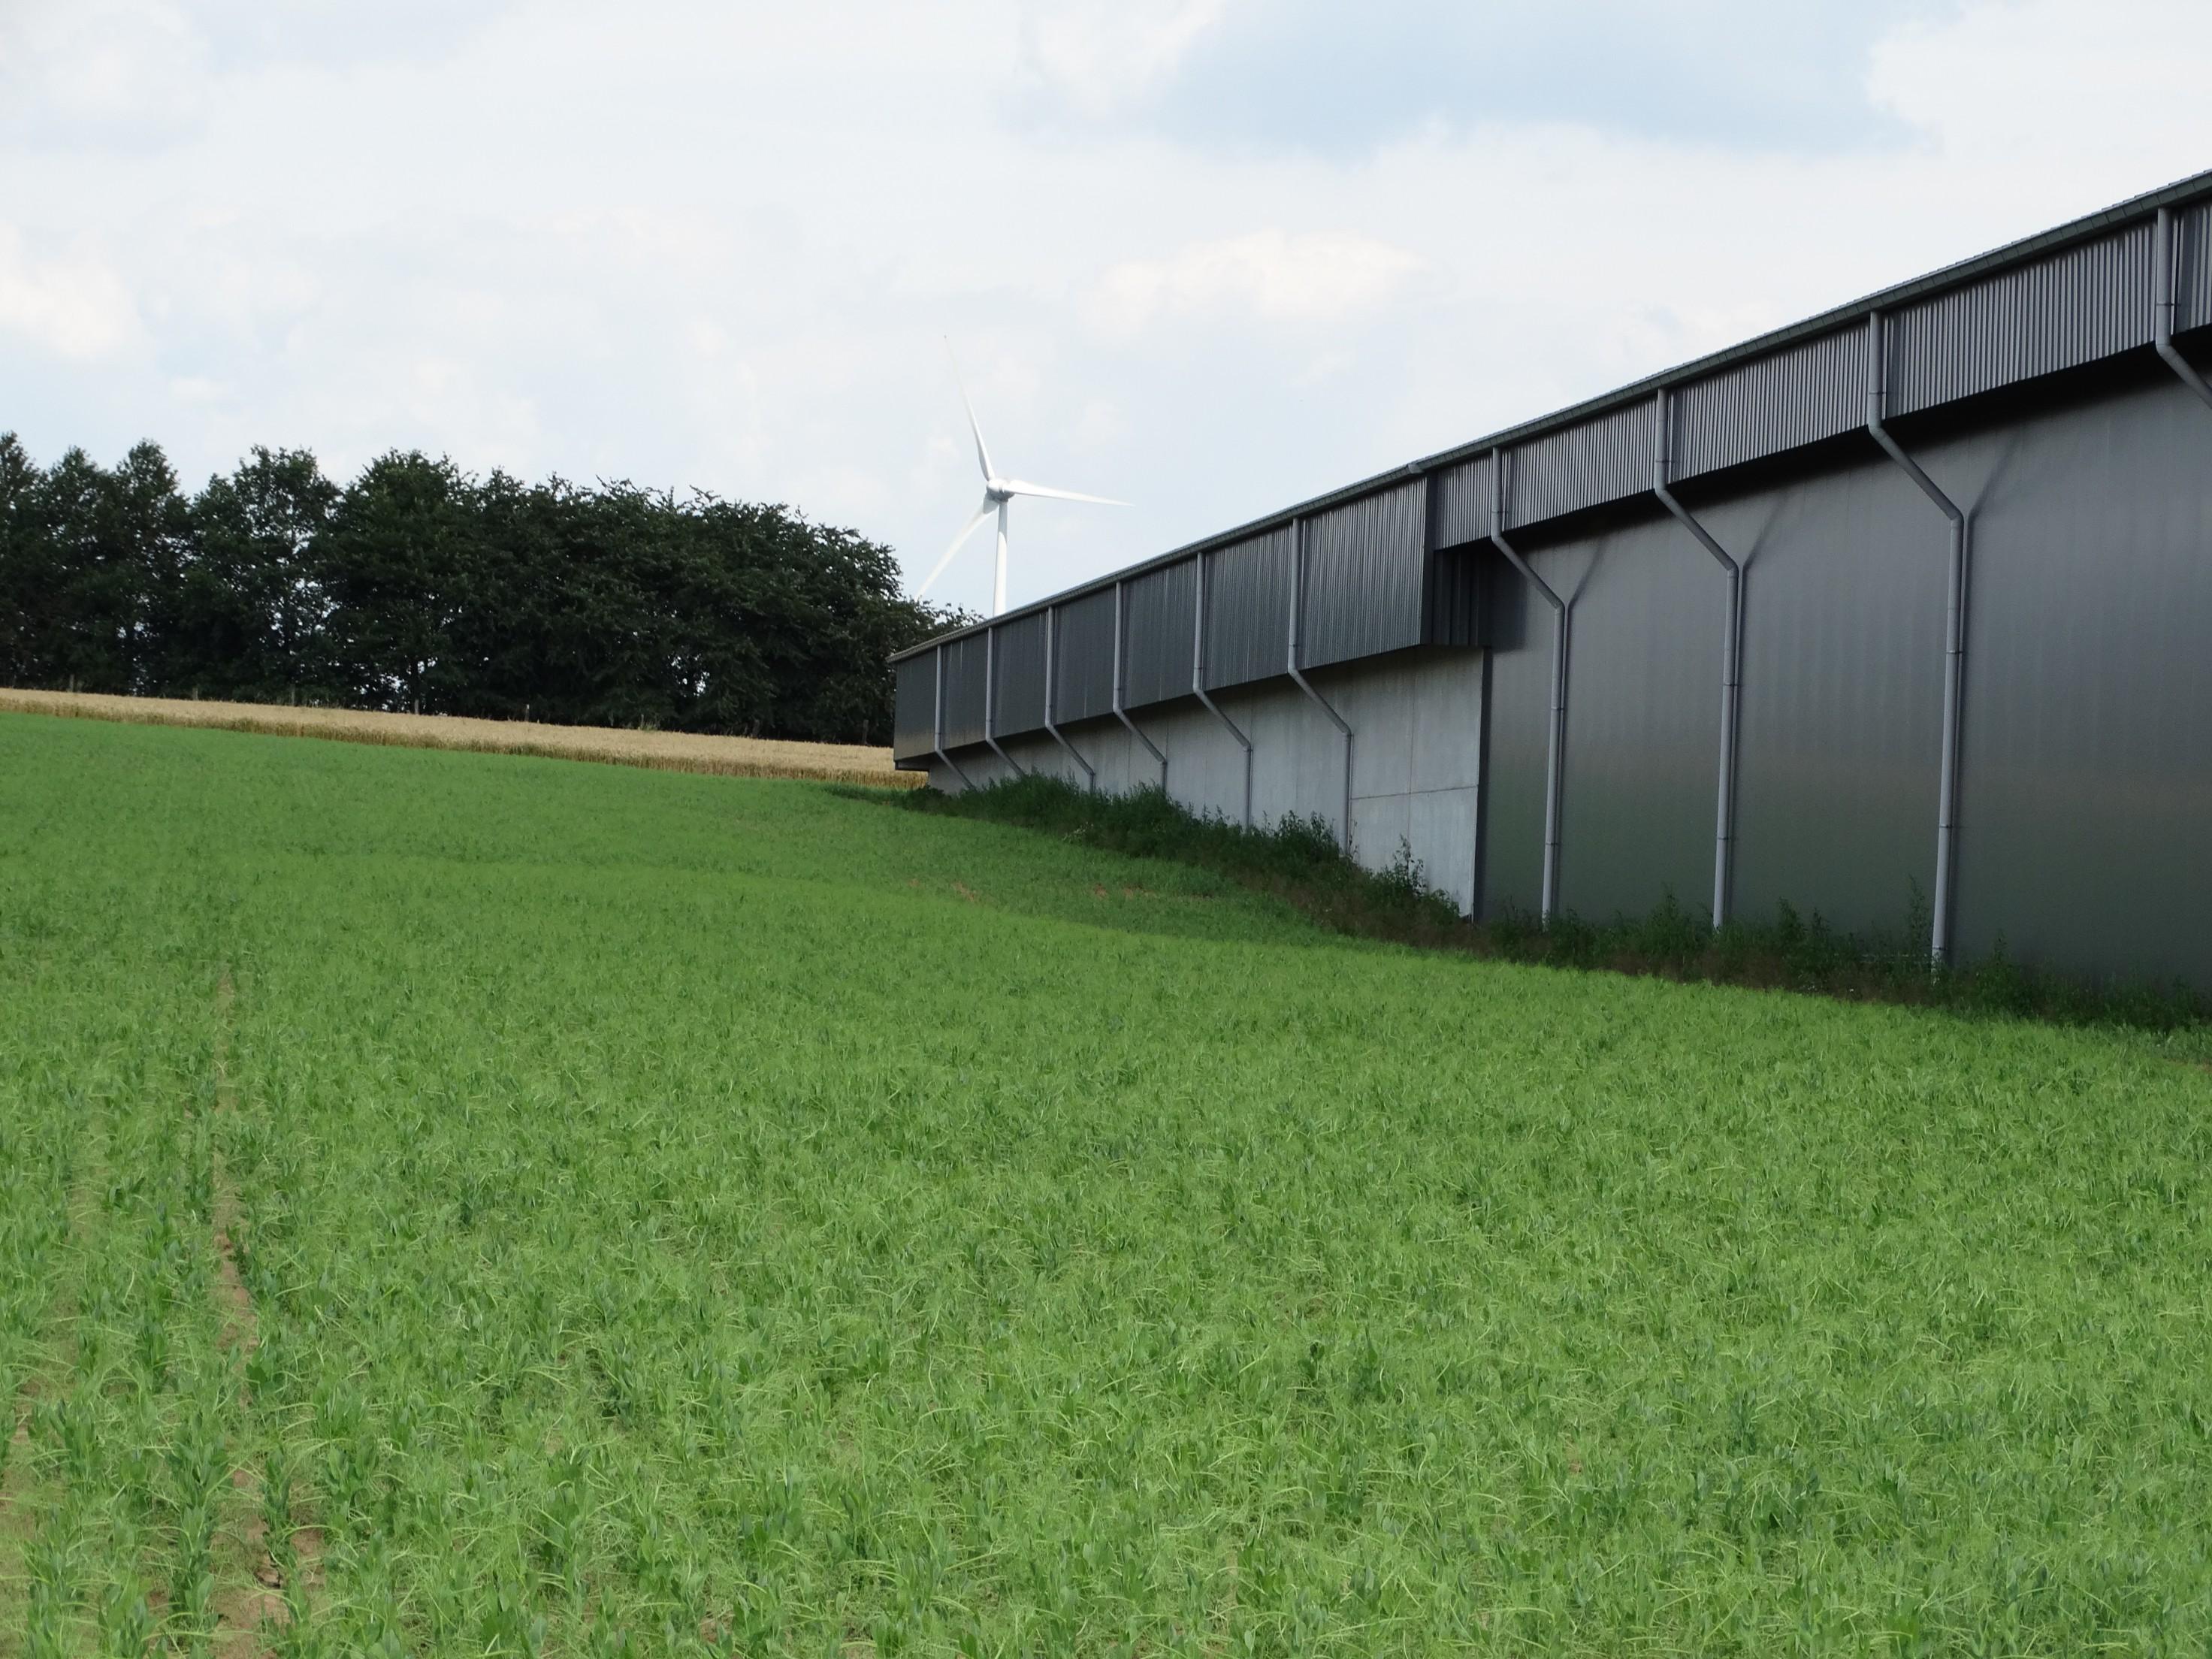 lefevre-Rosseignies-aardappelloods_hangar stockage pommes de terre (31)